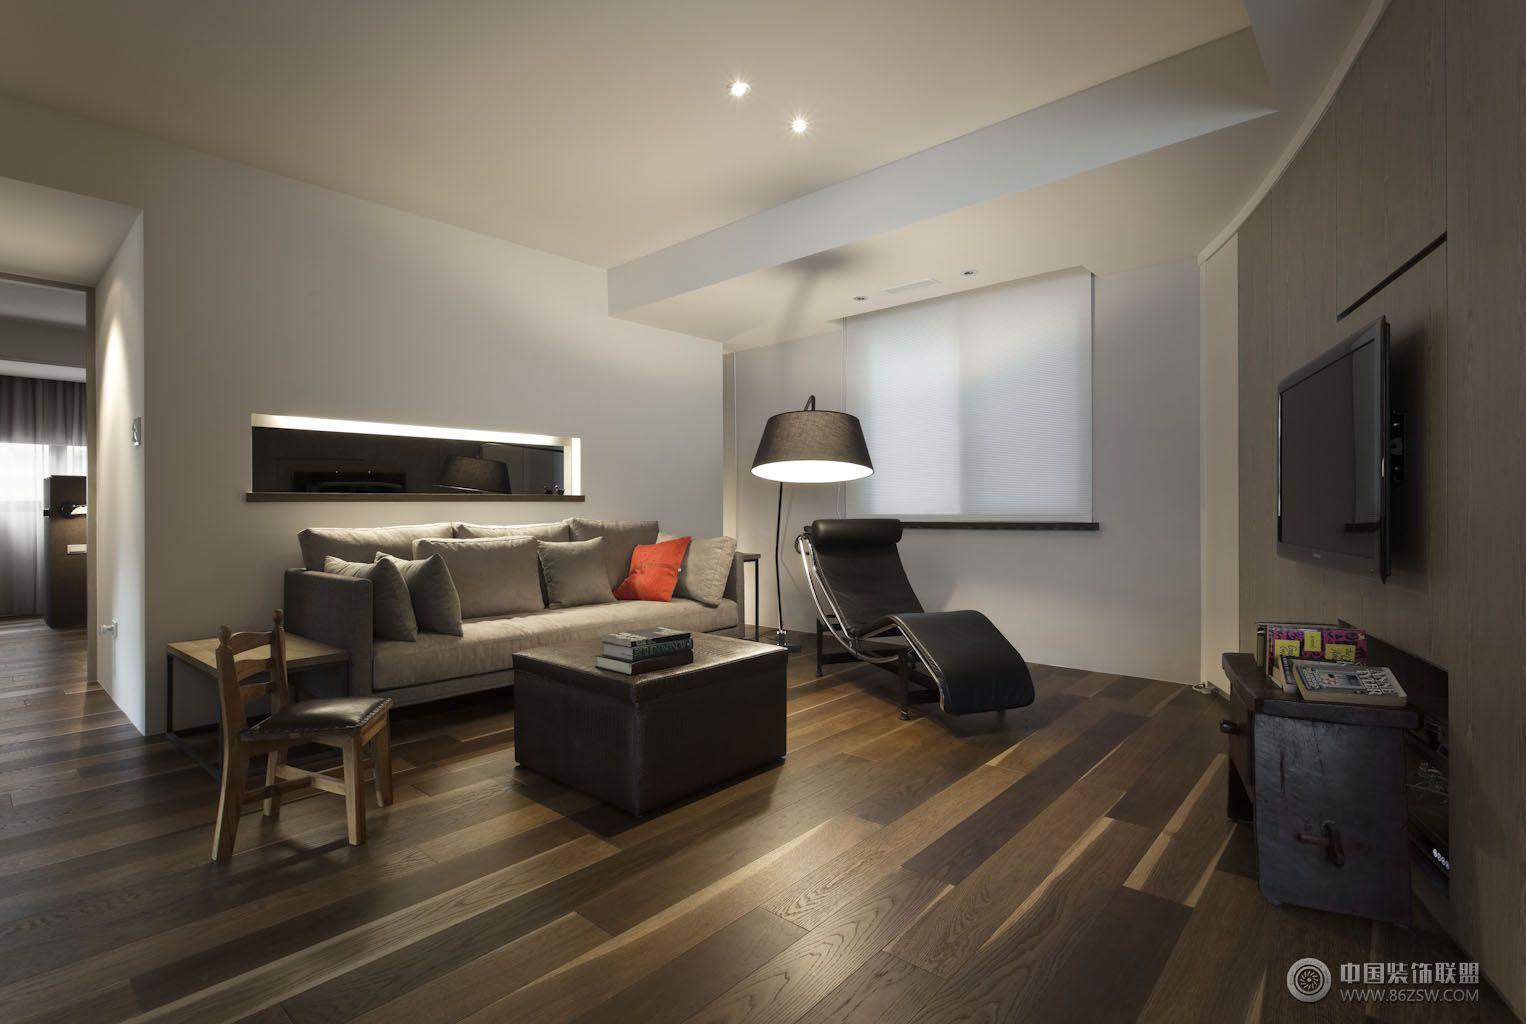 现代三房一厅-客厅装修效果图-八六(中国)装饰联盟